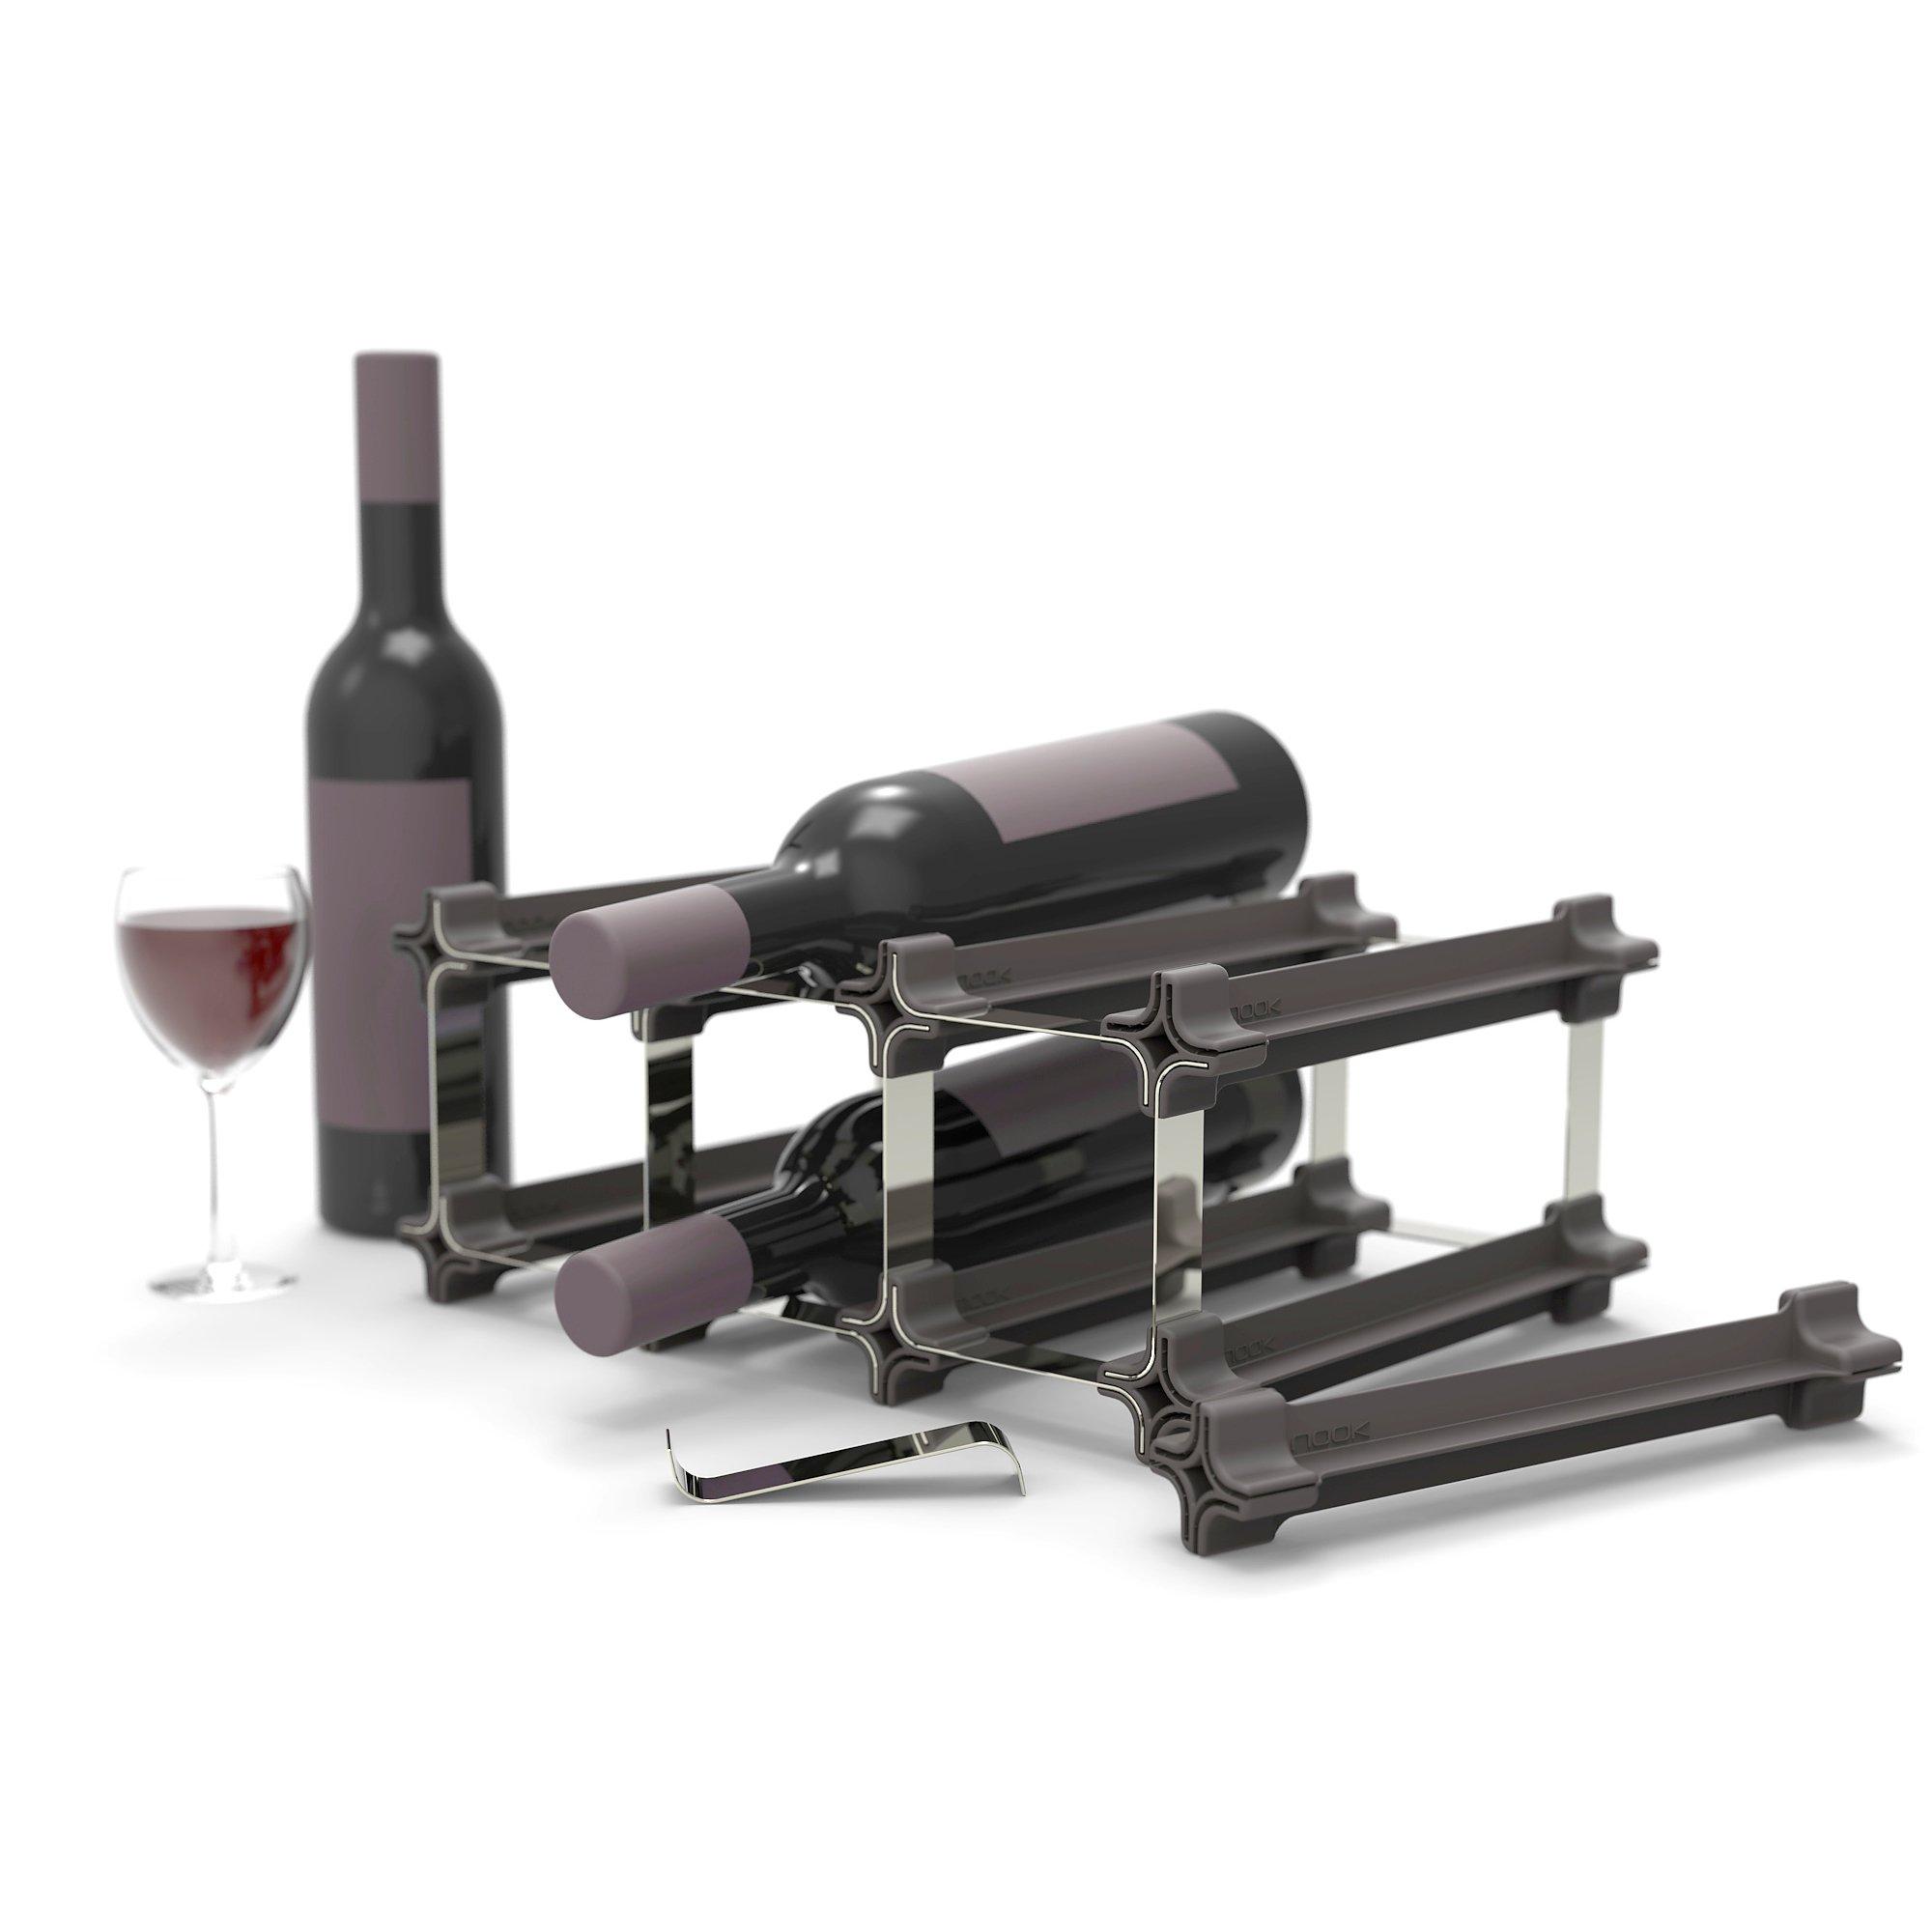 Nook Wine Rack Medium Kit 25 - Bottle Rack with Modular System - Practical Wine Rack Bottle Holder by NOOK Weinregal